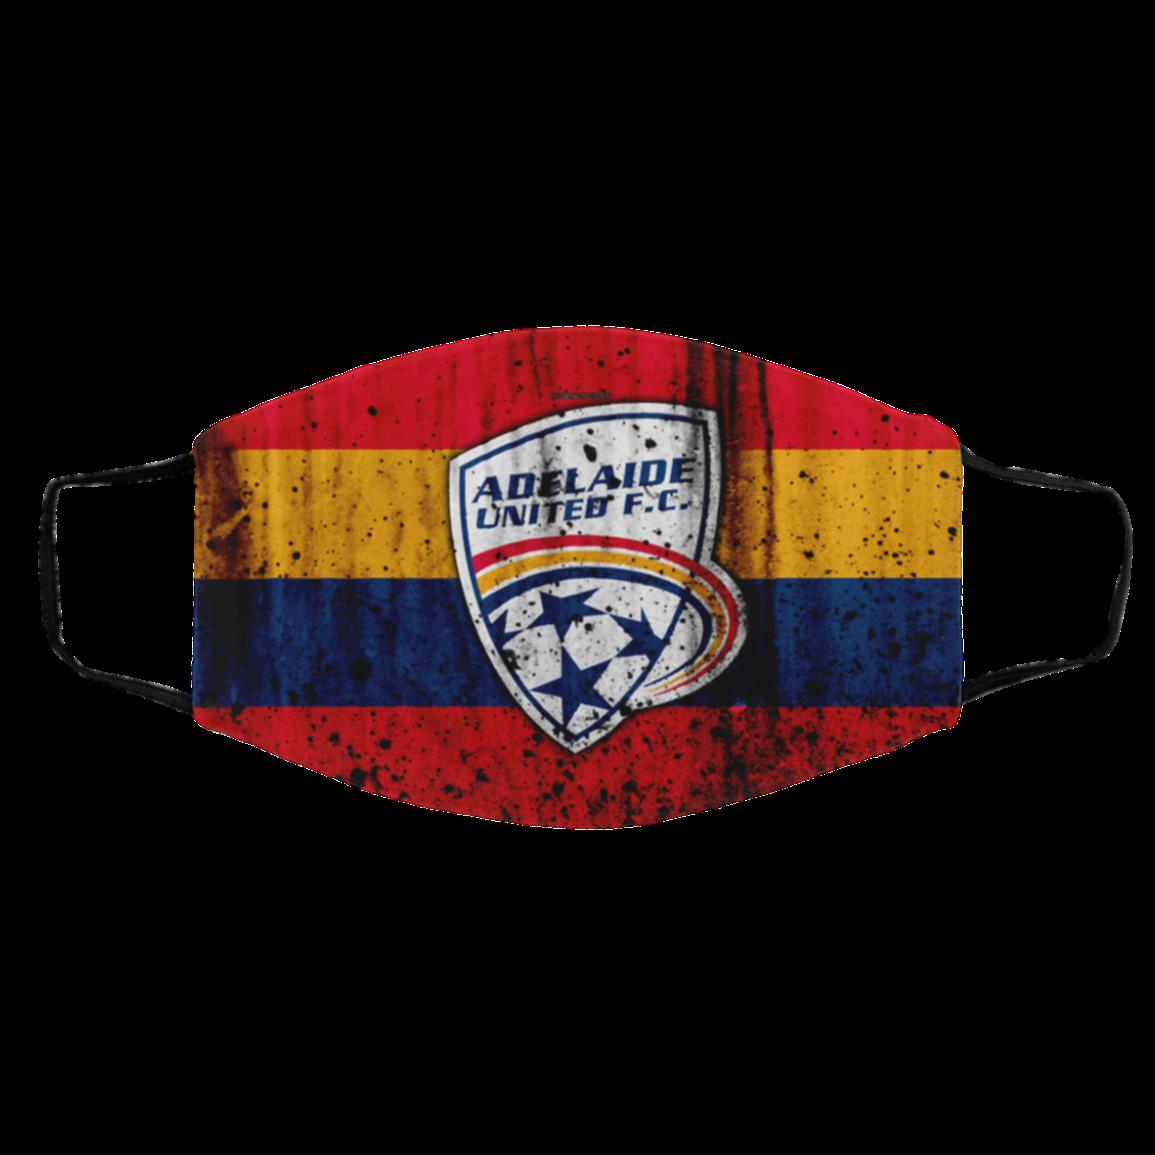 Adela-ide United Face Mask Flag Filter